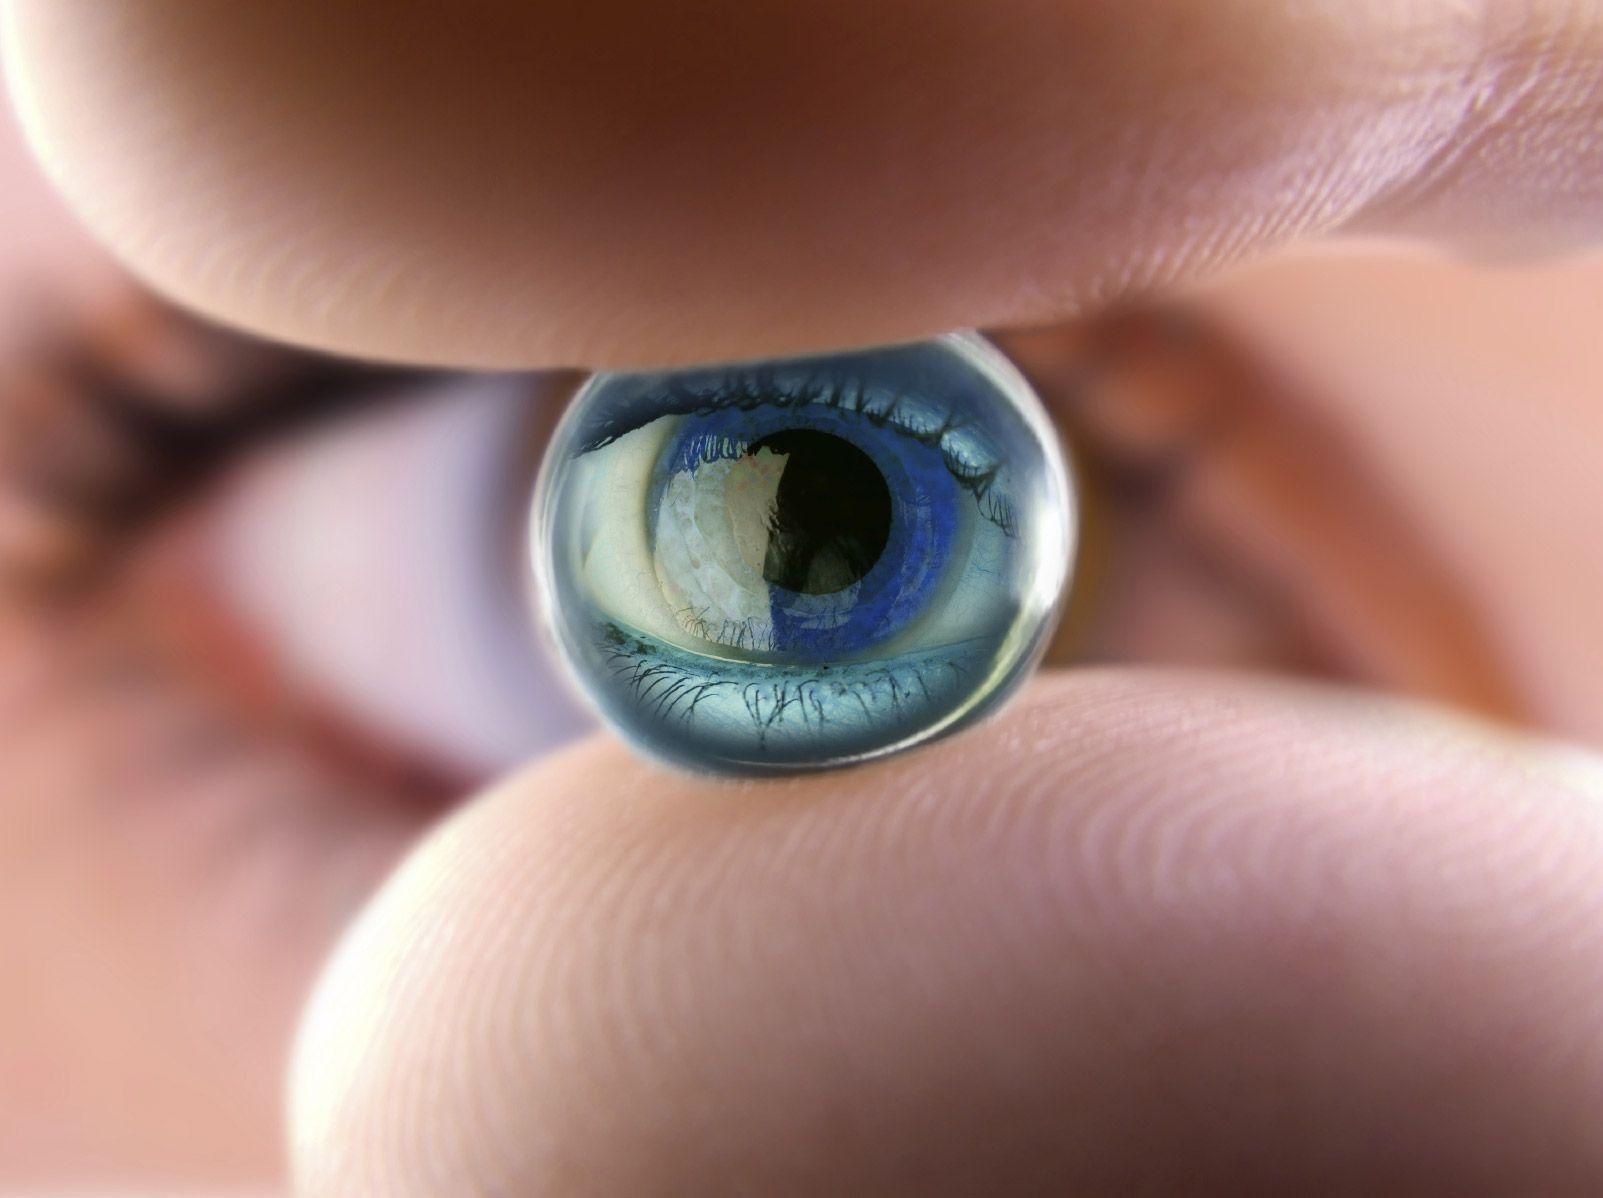 Addio occhiali, arrivano le lenti bioniche